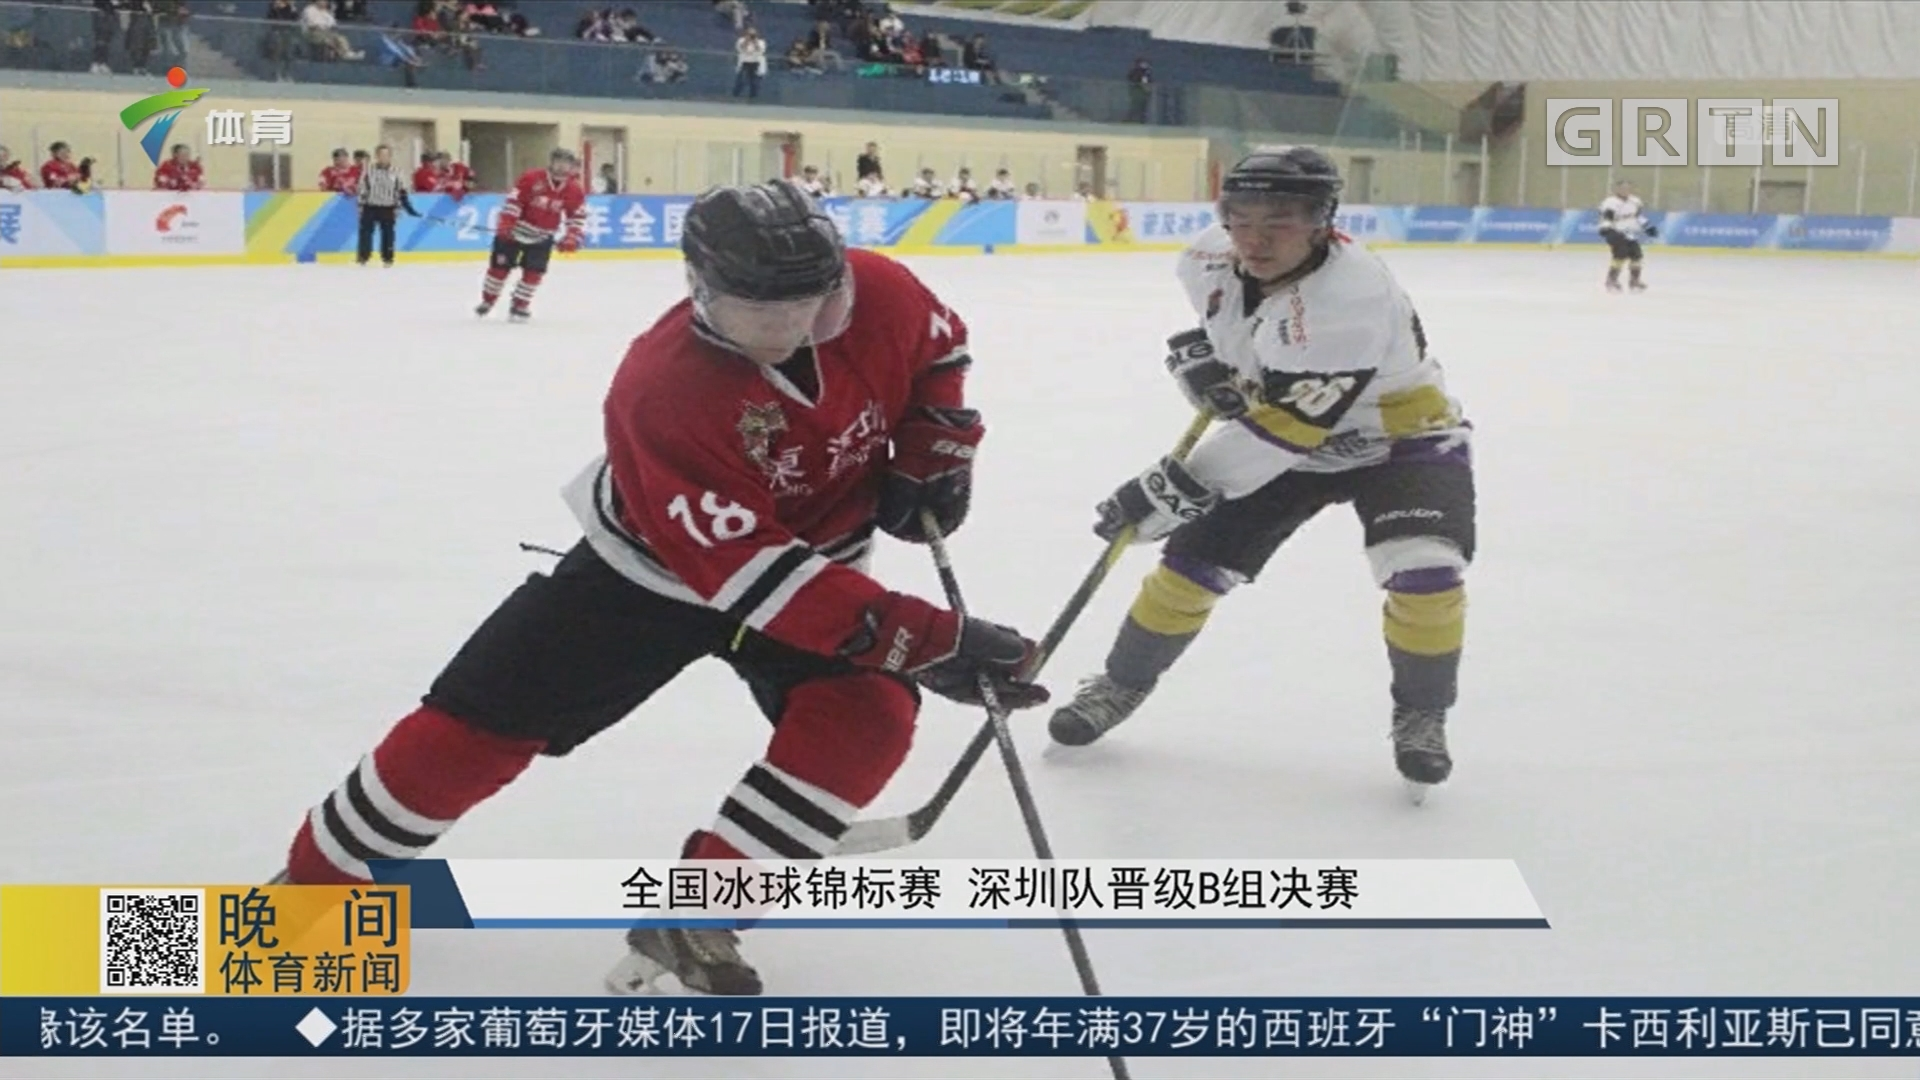 全国冰球锦标赛 深圳队晋级B组决赛